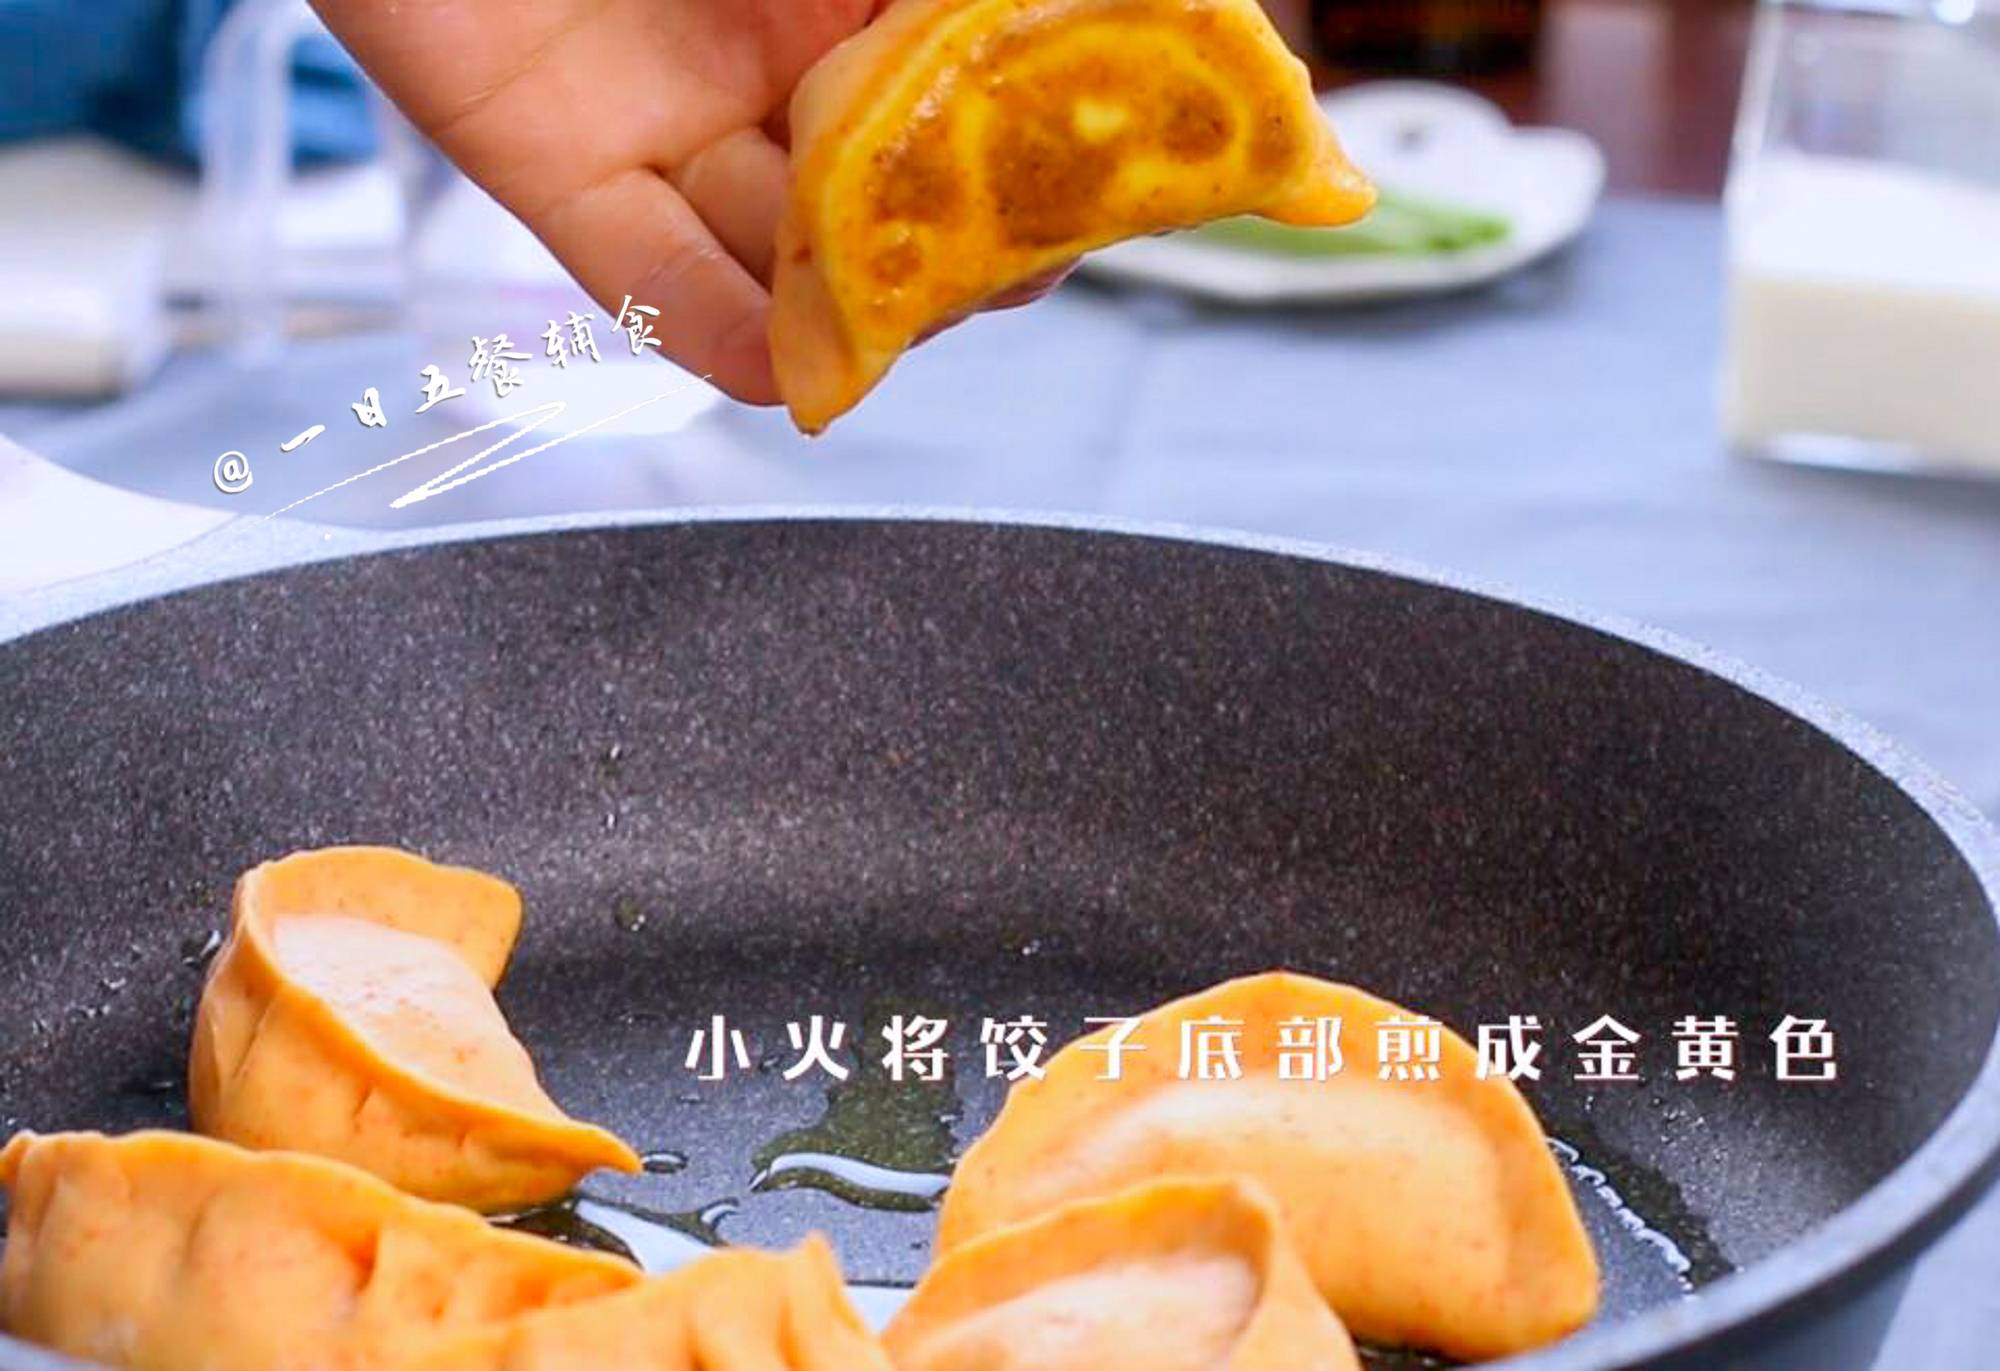 抱蛋煎饺,盖上盖,开小火将饺子底部煎成金黄色。像图片上这程度就赶紧倒水了。</p> <p>>>做多2次,不用看听到油滋滋响的时候就可以倒水了。</p> <p>